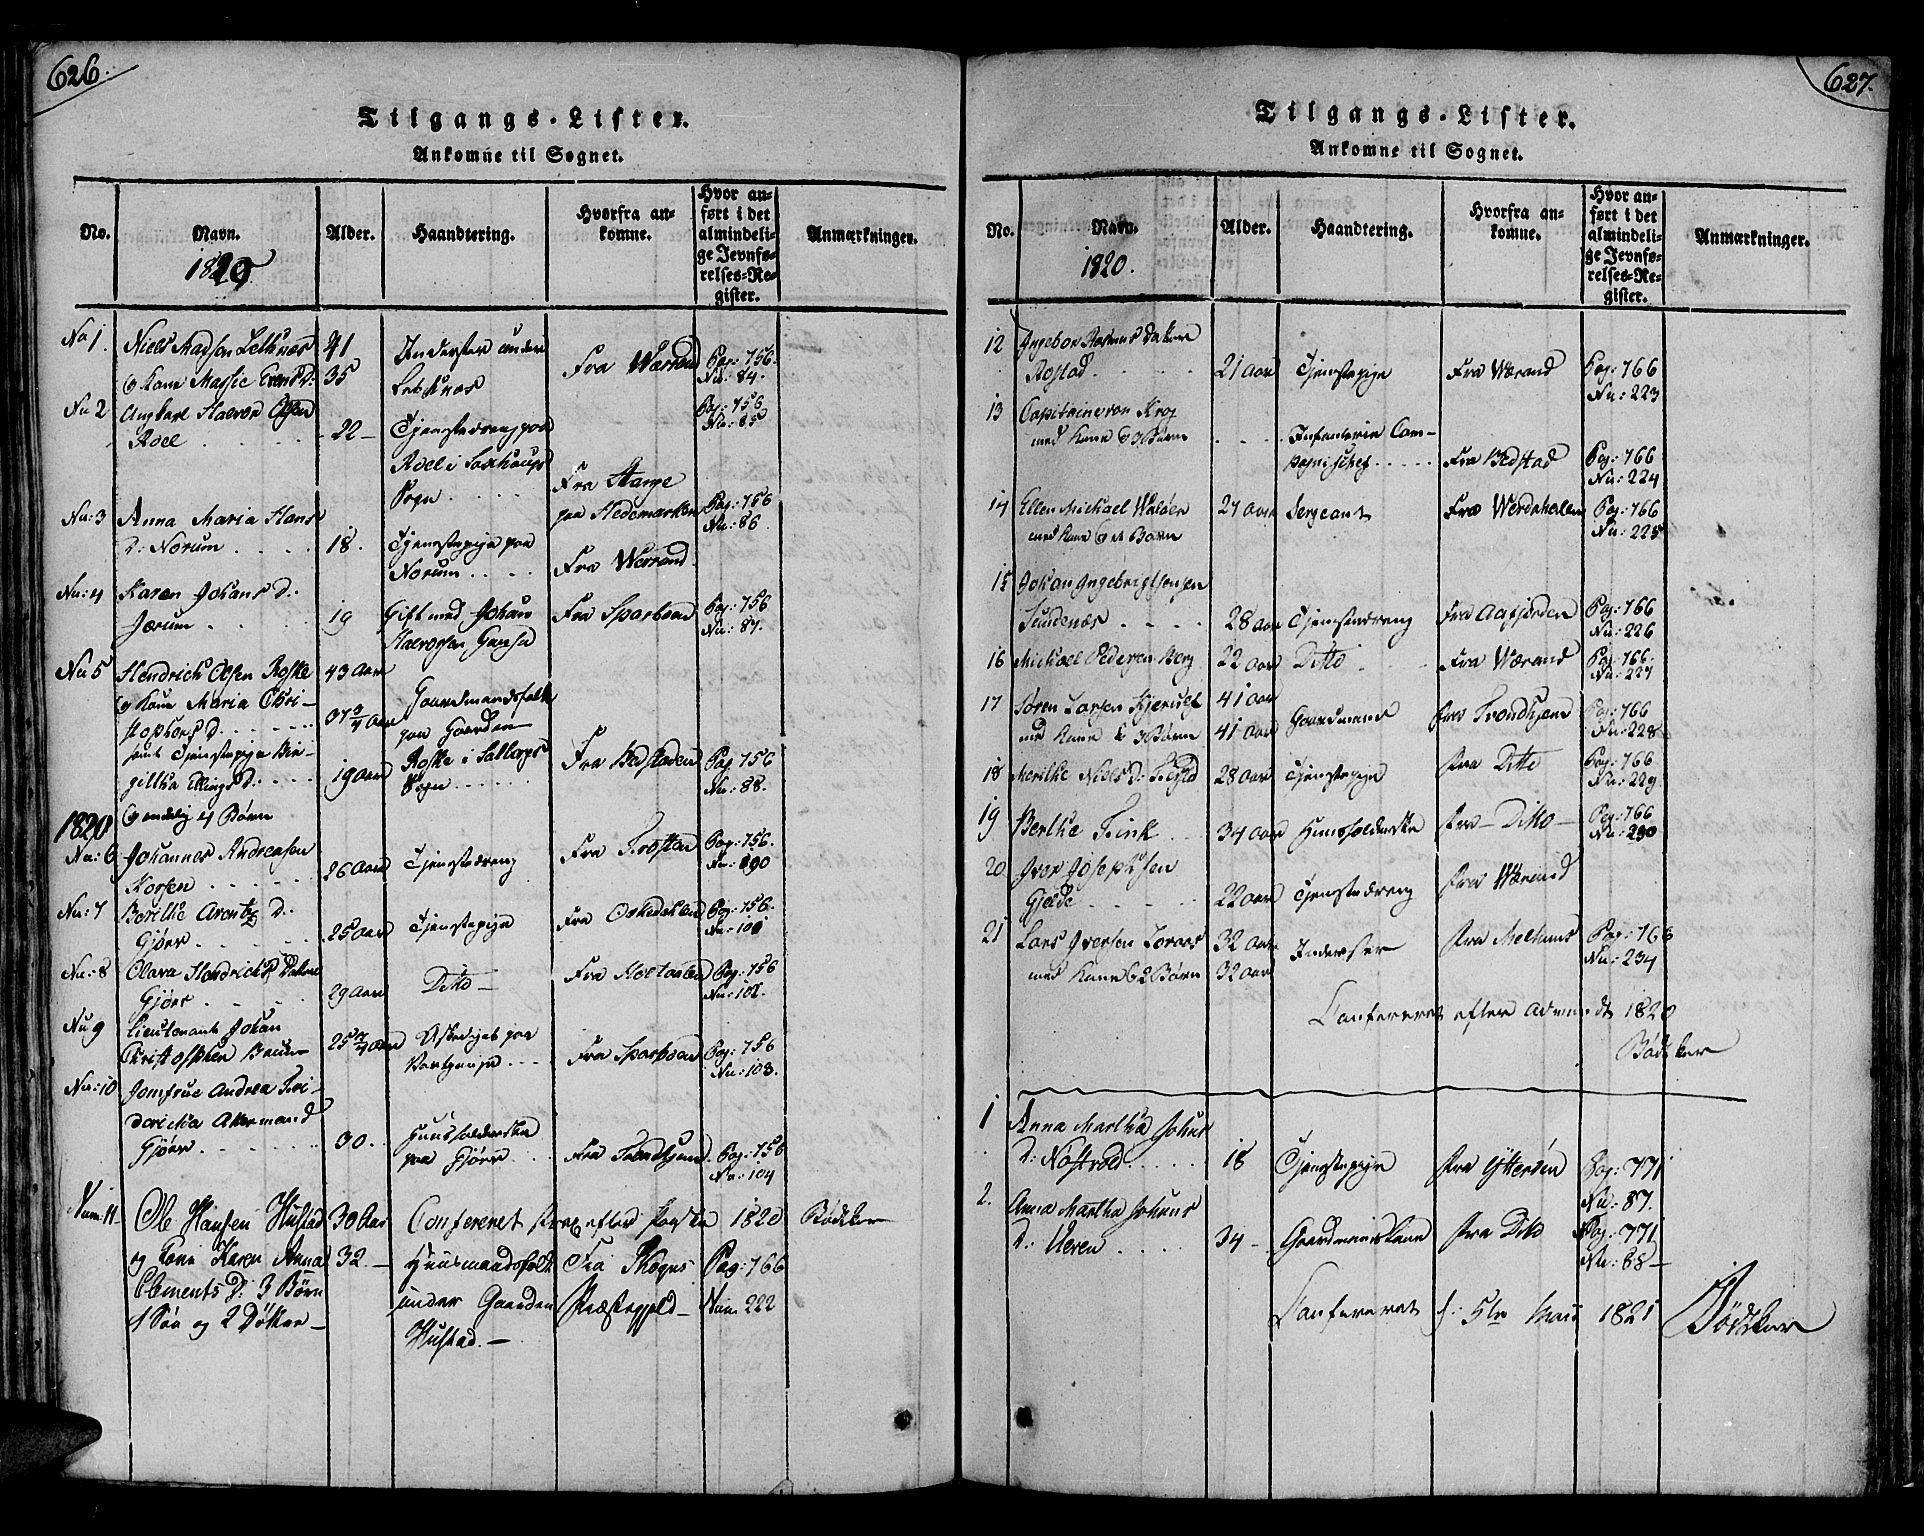 SAT, Ministerialprotokoller, klokkerbøker og fødselsregistre - Nord-Trøndelag, 730/L0275: Ministerialbok nr. 730A04, 1816-1822, s. 626-627